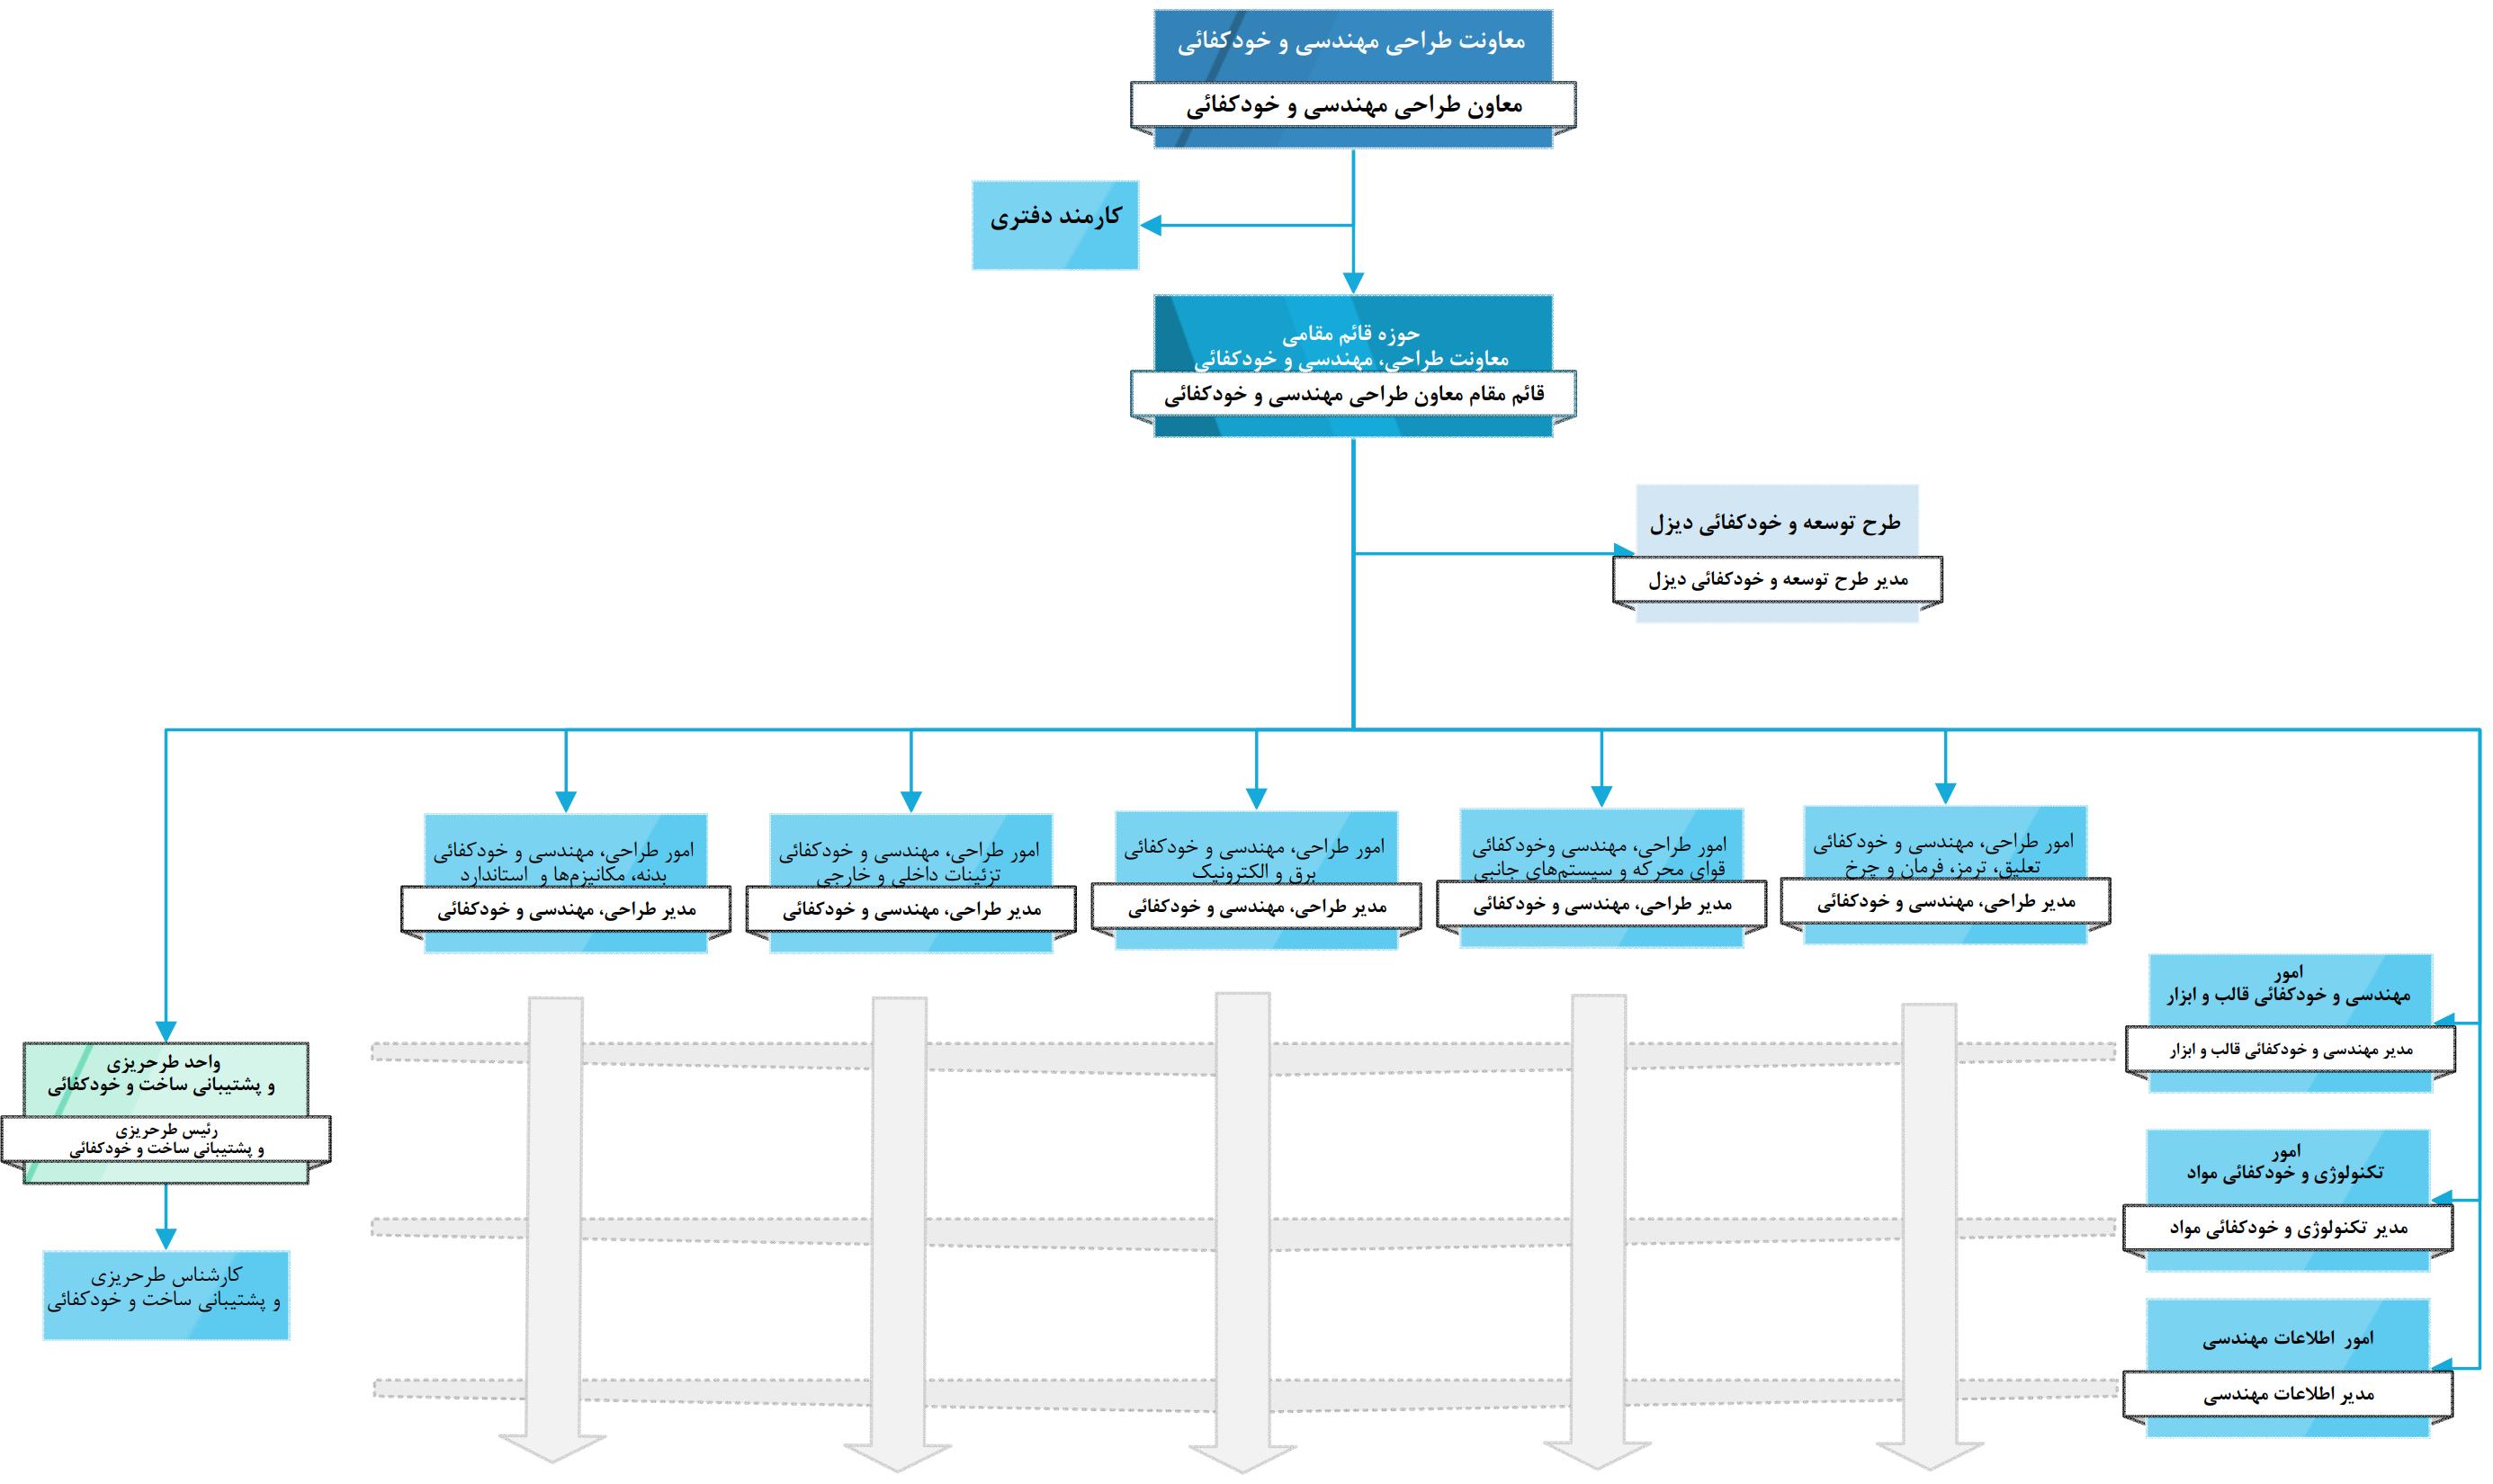 ساختار سازمانی ماتریسی